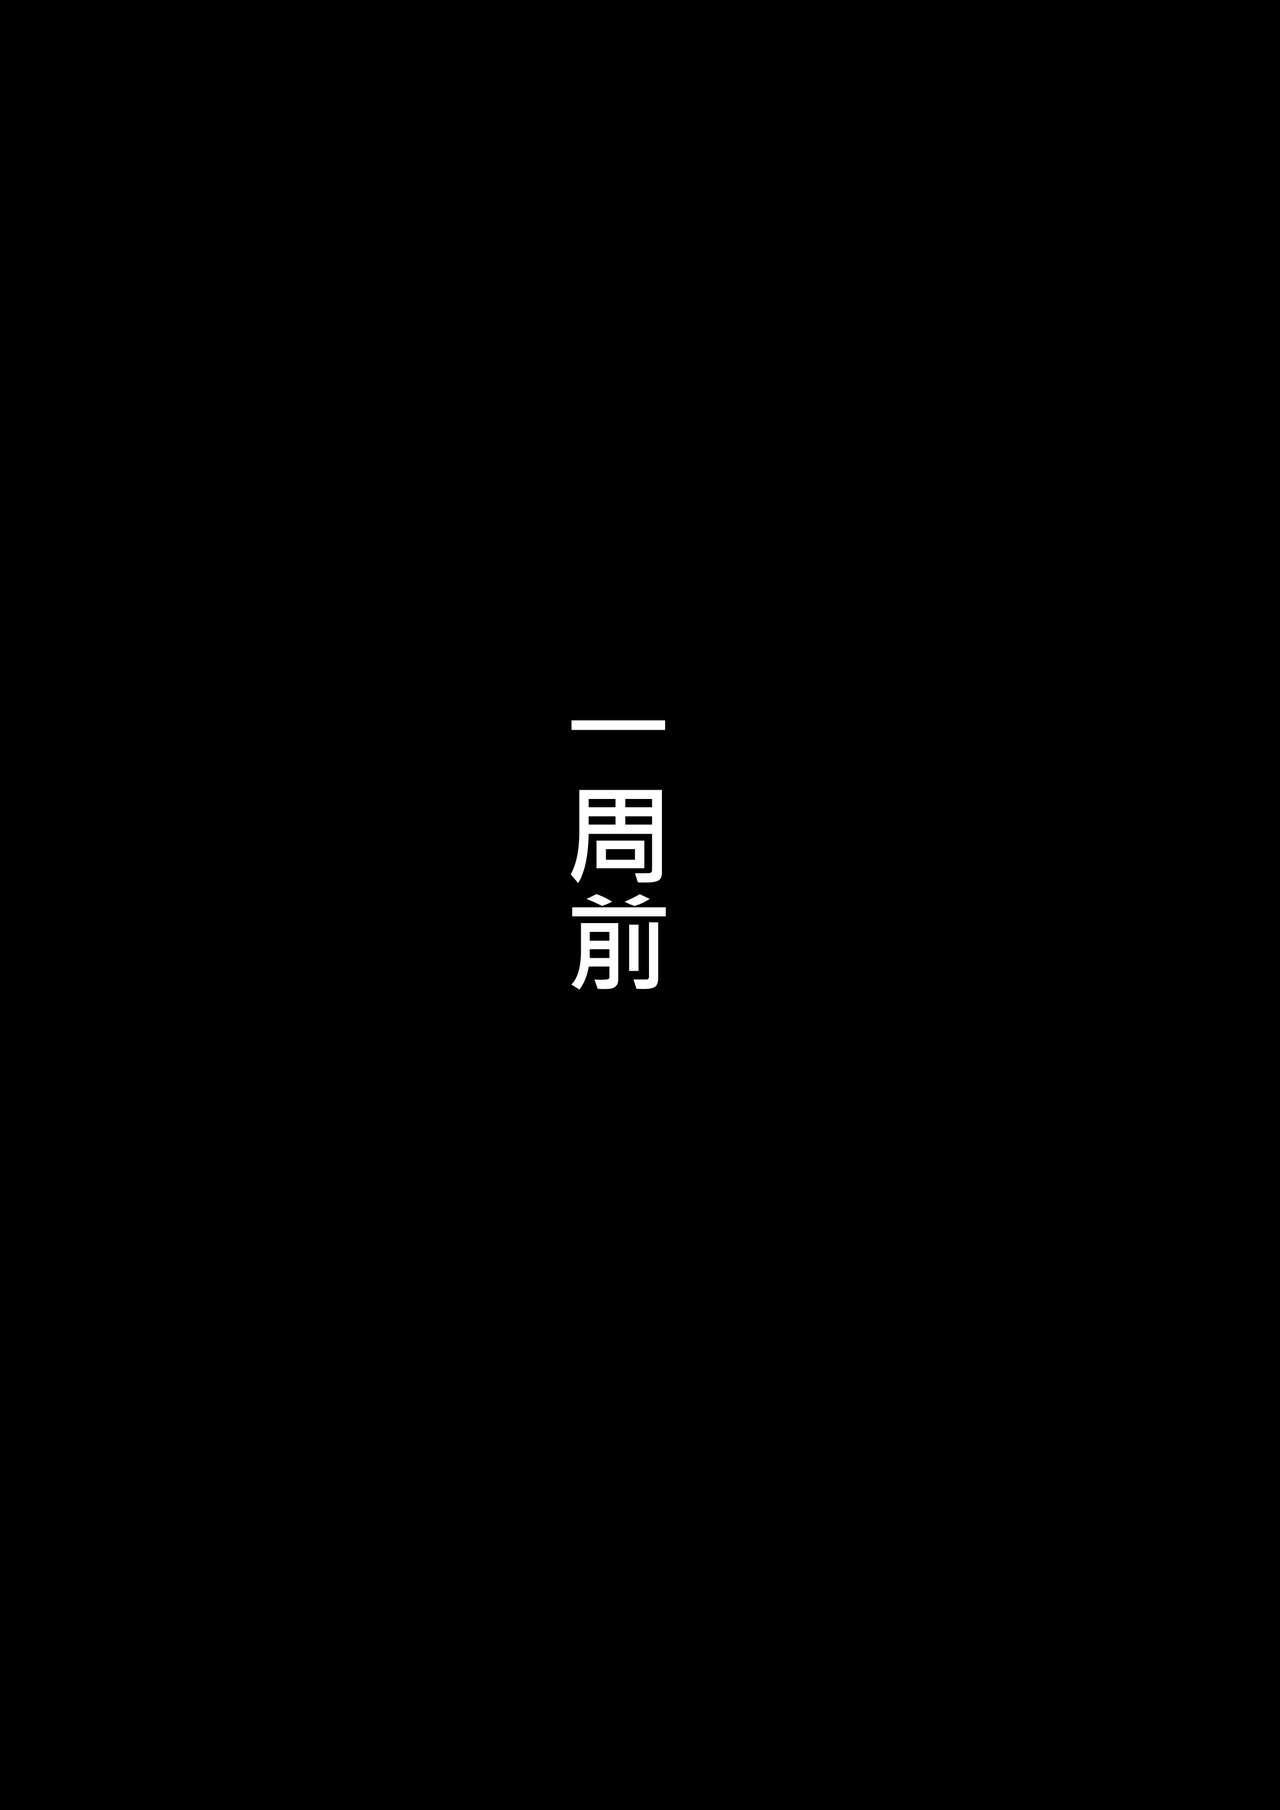 真夜ちゃんのAV調教デビュー 6